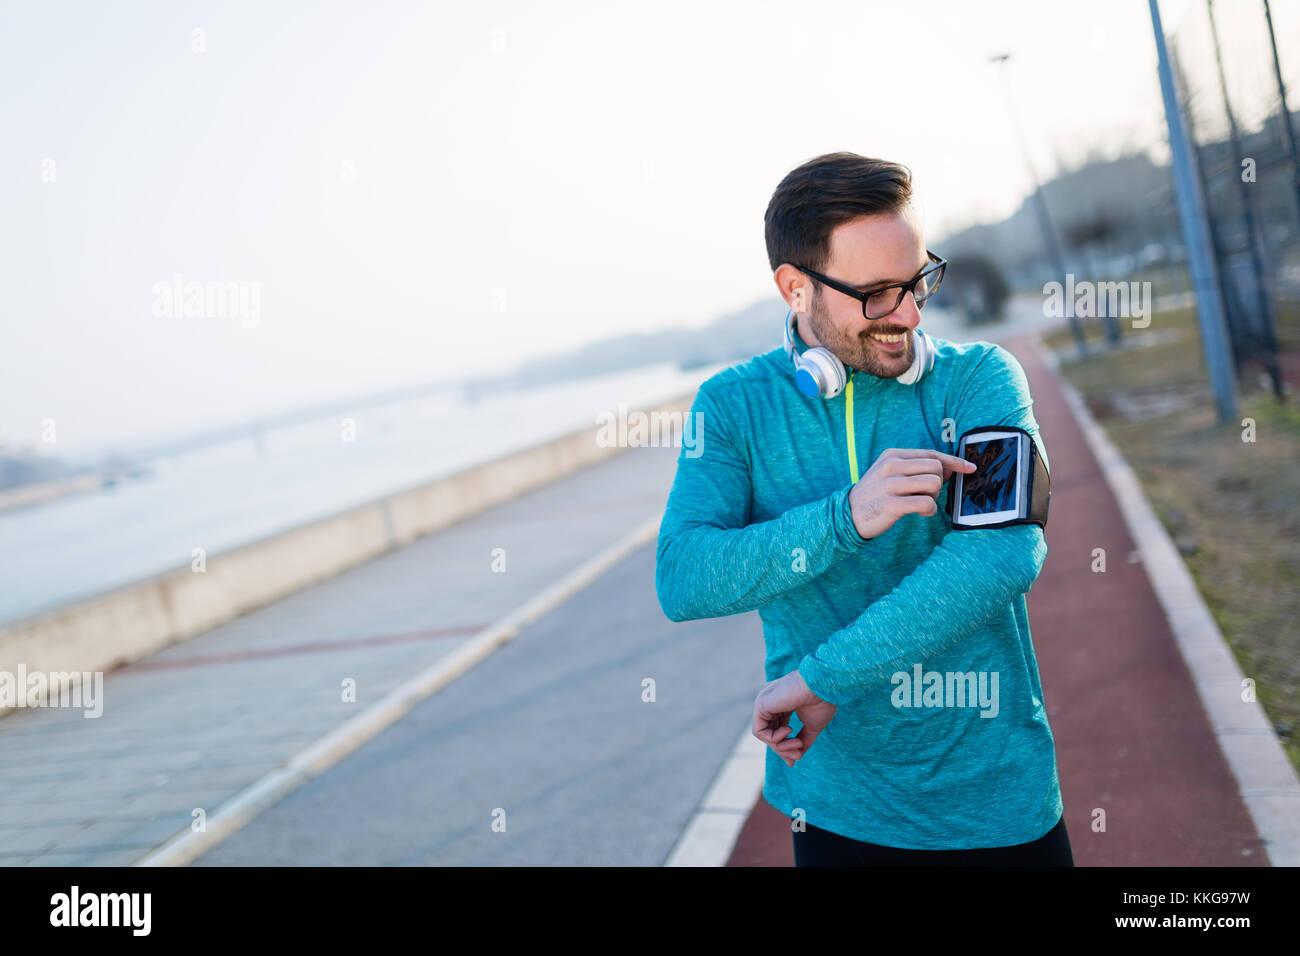 Giovane uomo fitness in esecuzione in area urbana Immagini Stock